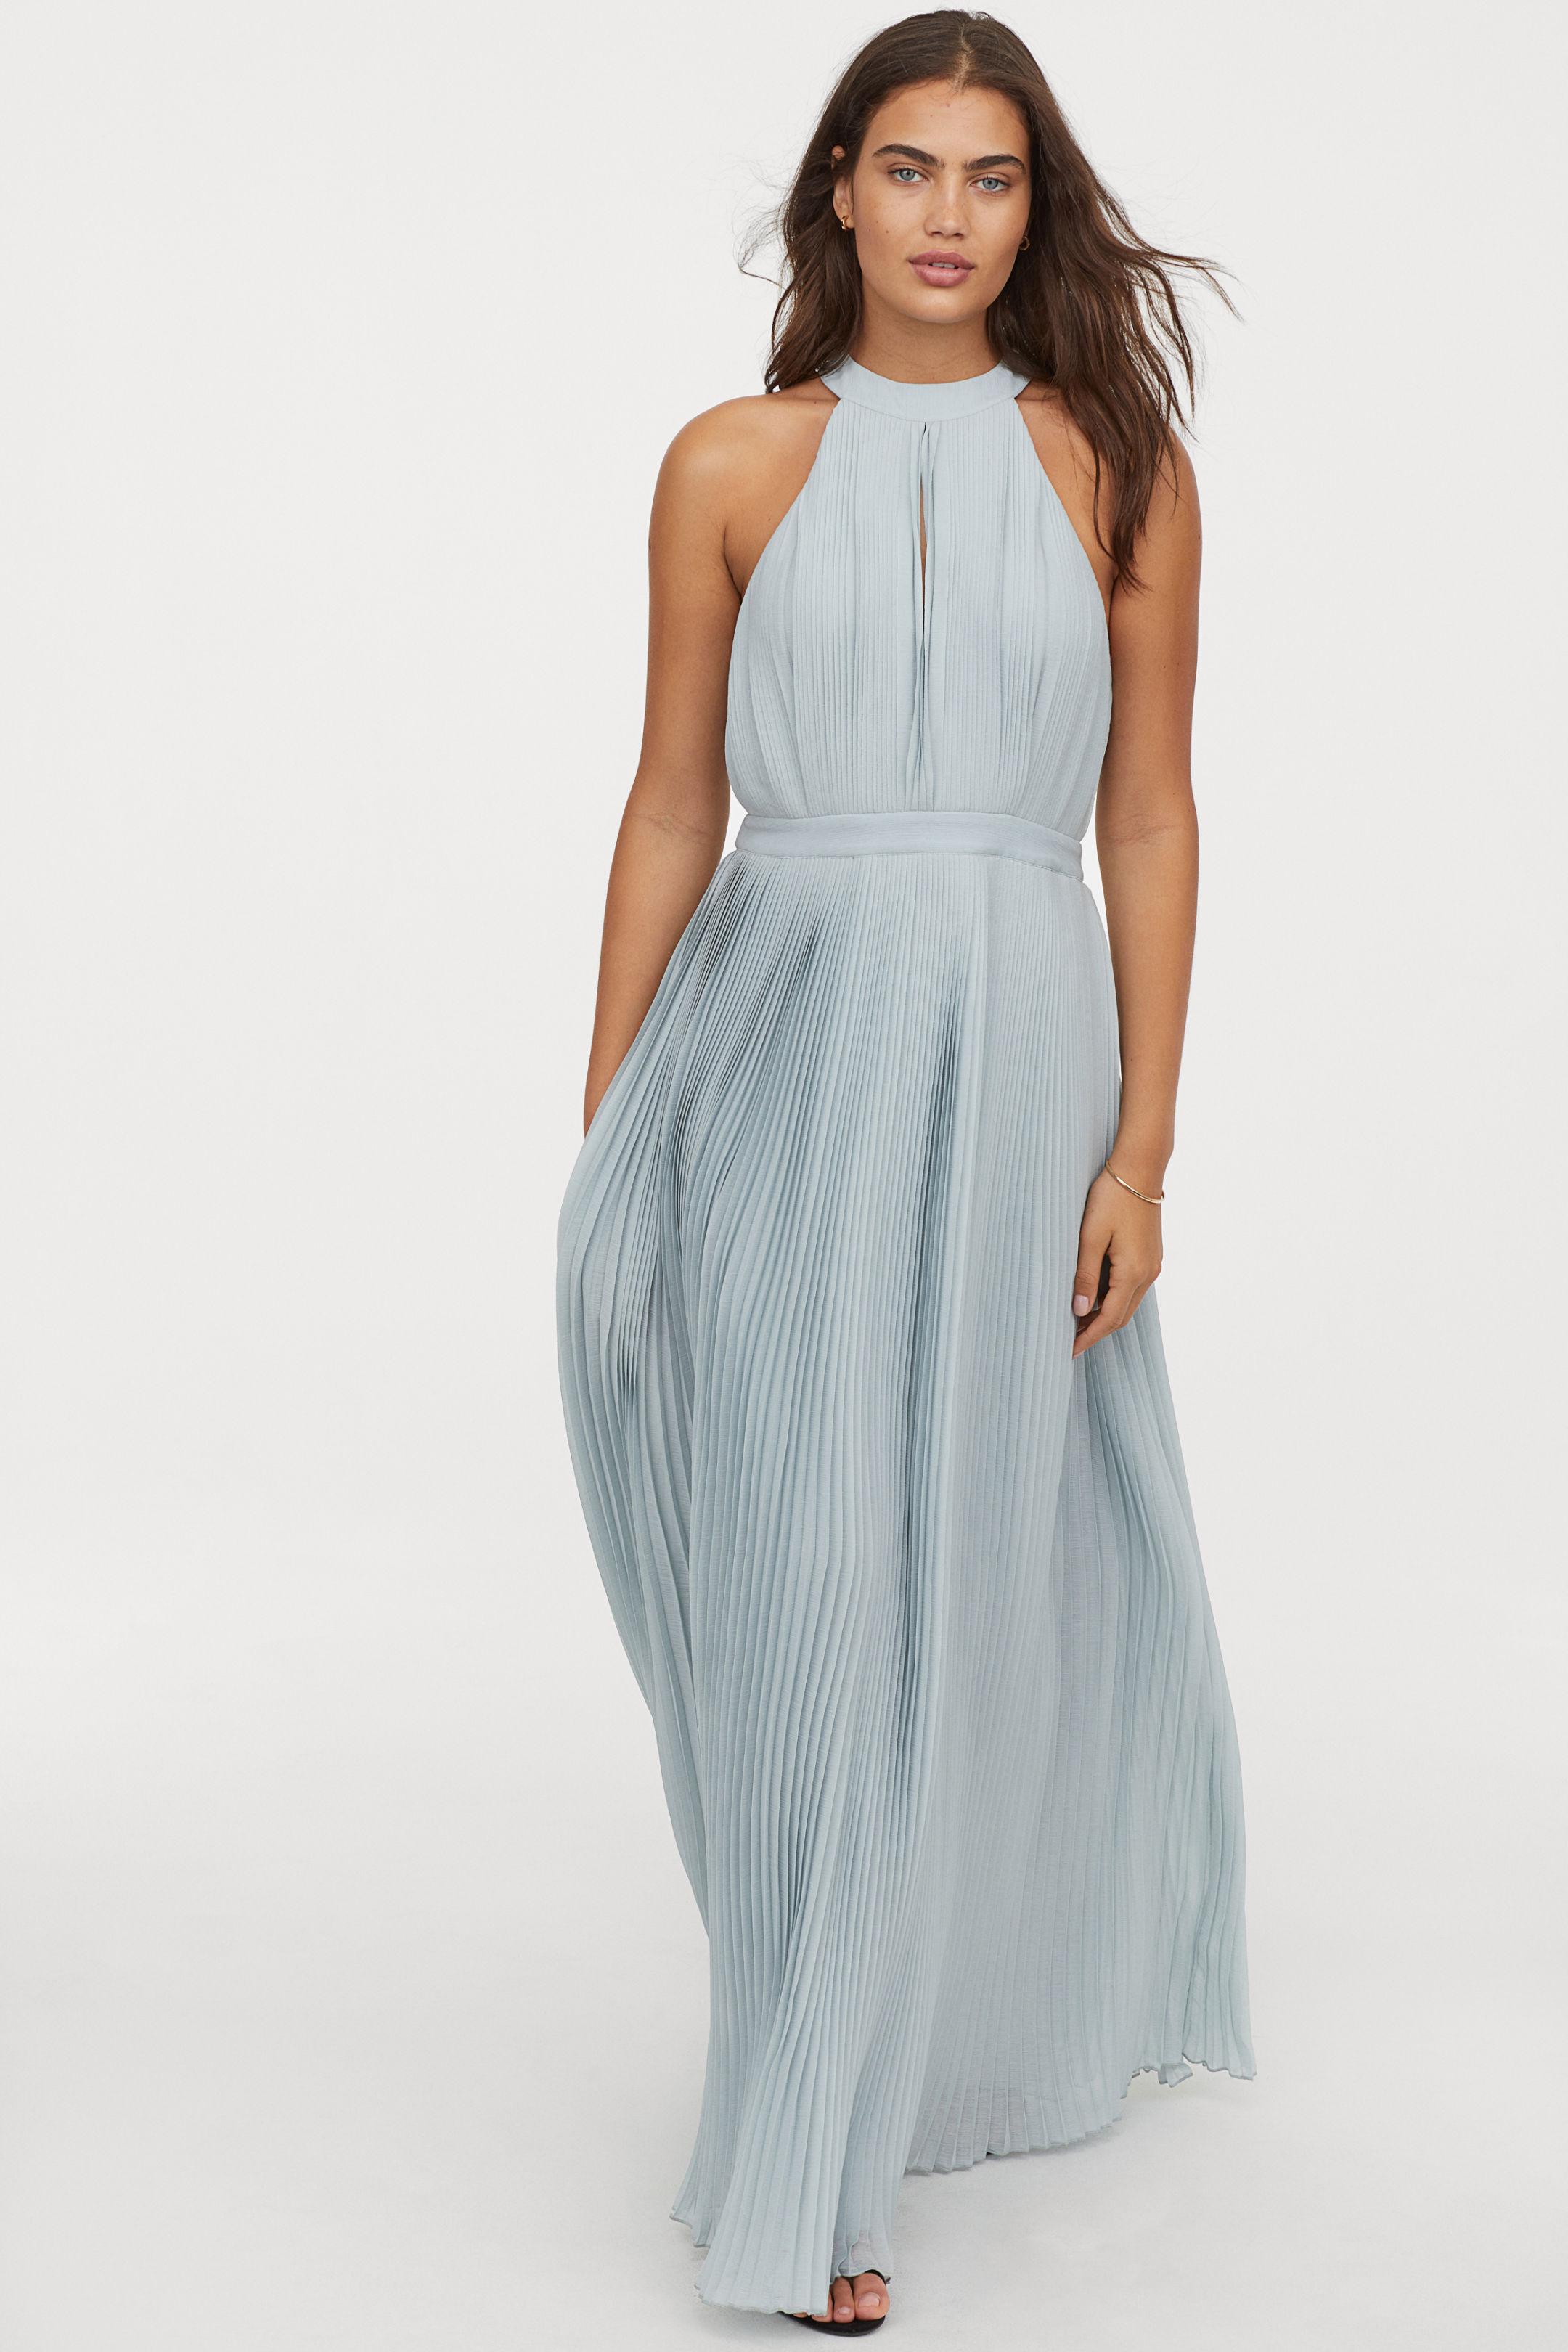 9835c39036ab Αυτό το Zara μικρό λευκό φόρεμα με τα ιδιαίτερα μανίκια είναι ιδανικό για  τις βόλτες σου κατά τη διάρκεια των διακοπών του Πάσχα.